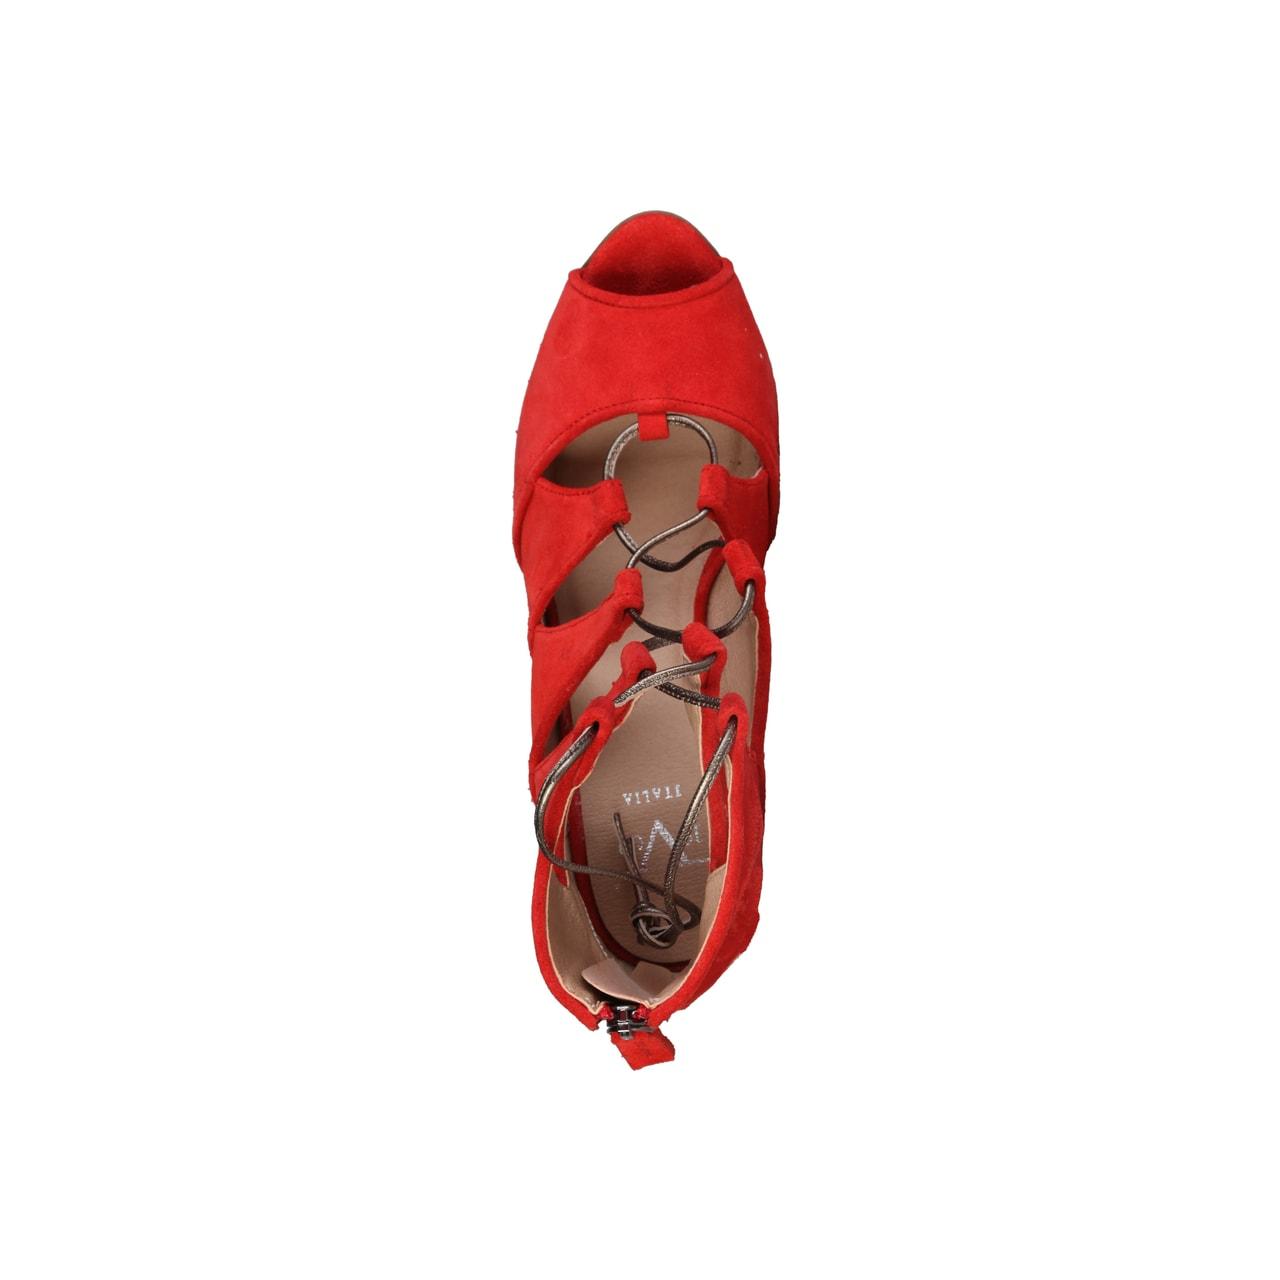 f6bc89eb81f3 Glamadise.sk - Dámske kožené sandále červené - Versace 1969 ...